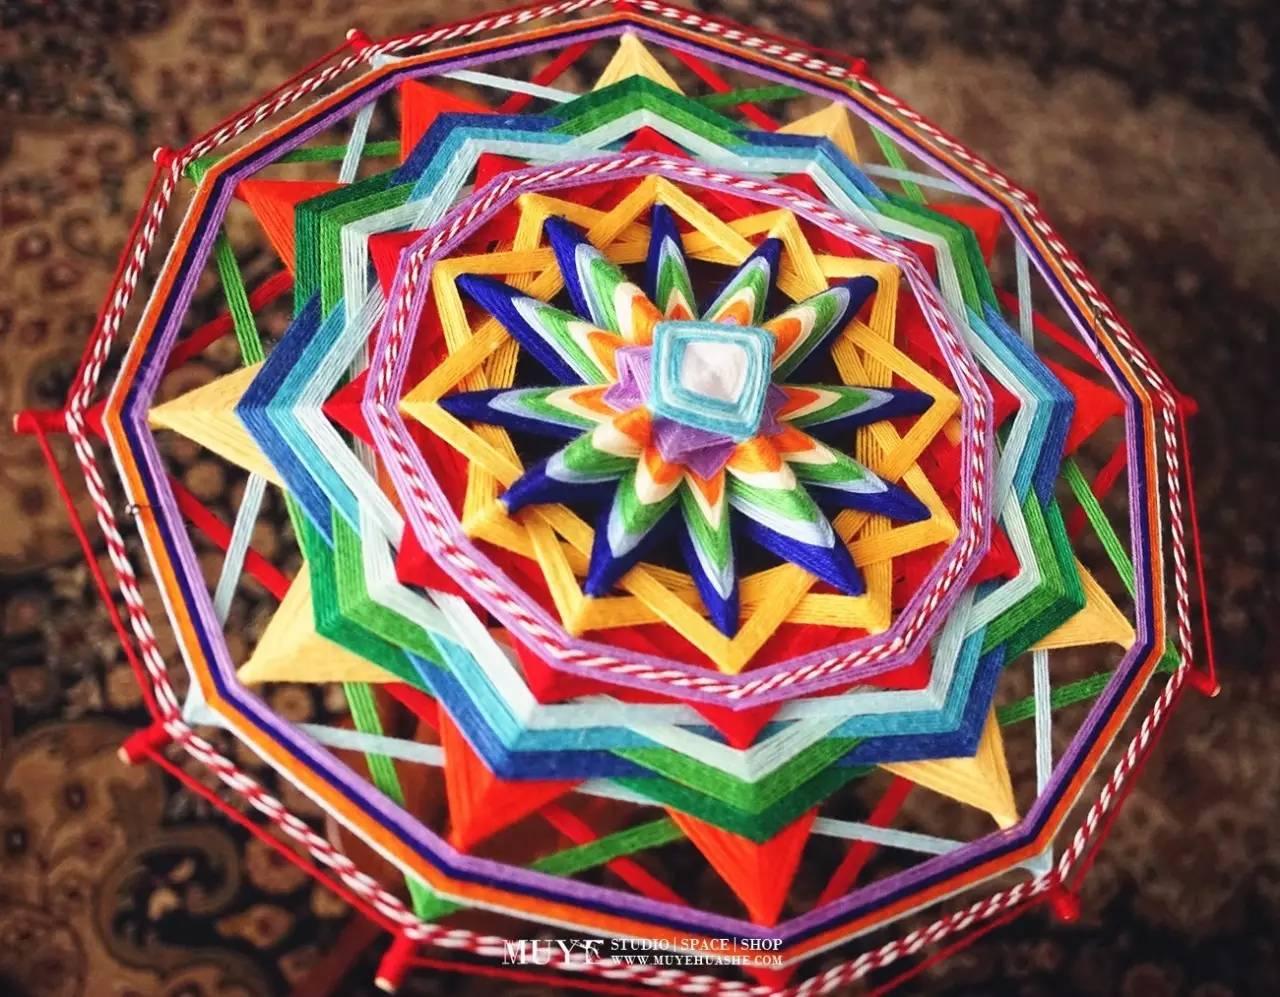 """专注于纯手工原创制作的印第安挂饰,包括mandala""""上帝之眼"""",捕梦网等."""